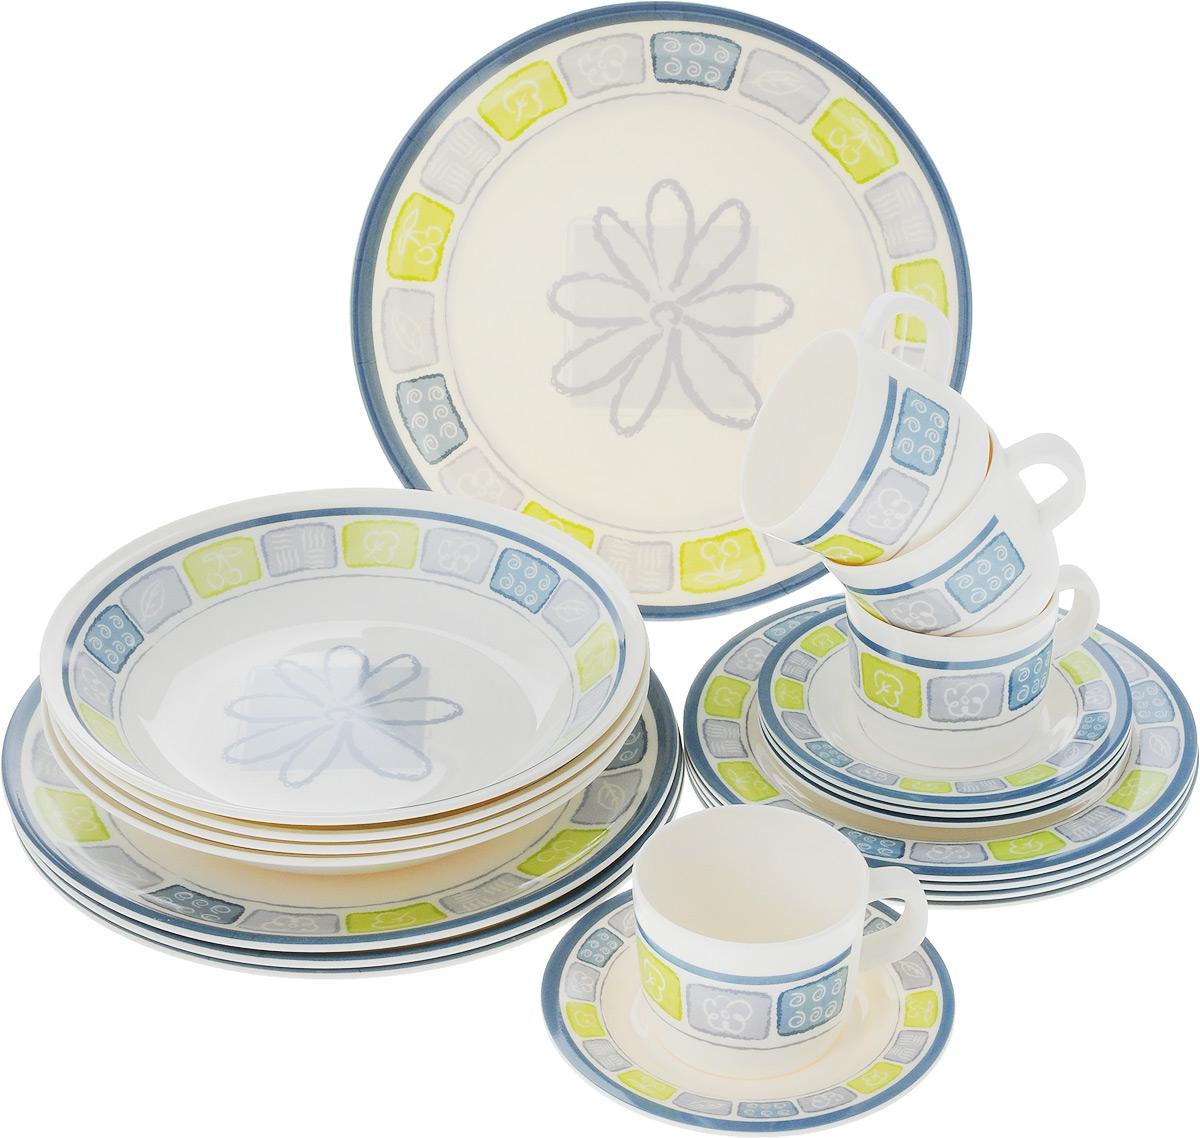 Набор столовой посуды Calve Цветок, 20 предметовCL-2514_цветокНабор Calve состоит из 4 суповых тарелок, 4 обеденных тарелок, 4 десертных тарелок, 4 блюдец и 4 чашек. Такой набор прекрасно подойдет для повседневного использования дома или на даче, также пригодится на пикнике. Изделия выполнены из высококачественного меламина, нетоксичного и безопасного при контакте с пищей. Посуда отличается прочностью, гигиеничностью и долгим сроком службы, она устойчива к появлению царапин, легкая по весу и не имеет запаха. Посуда имеет элегантный внешний вид и привлекательное художественное оформление. Можно мыть в посудомоечной машине при температуре 30-40°С или вручную. Диаметр суповой тарелки: 23 см. Высота суповой тарелки: 4 см.Диаметр обеденной тарелки: 26 см. Диаметр десертной тарелки: 20 см. Диаметр блюдца: 14,5 см. Объем чашки: 237 мл.Диаметр чашки (по верхнему краю): 8 см.Высота чашки: 6 см.